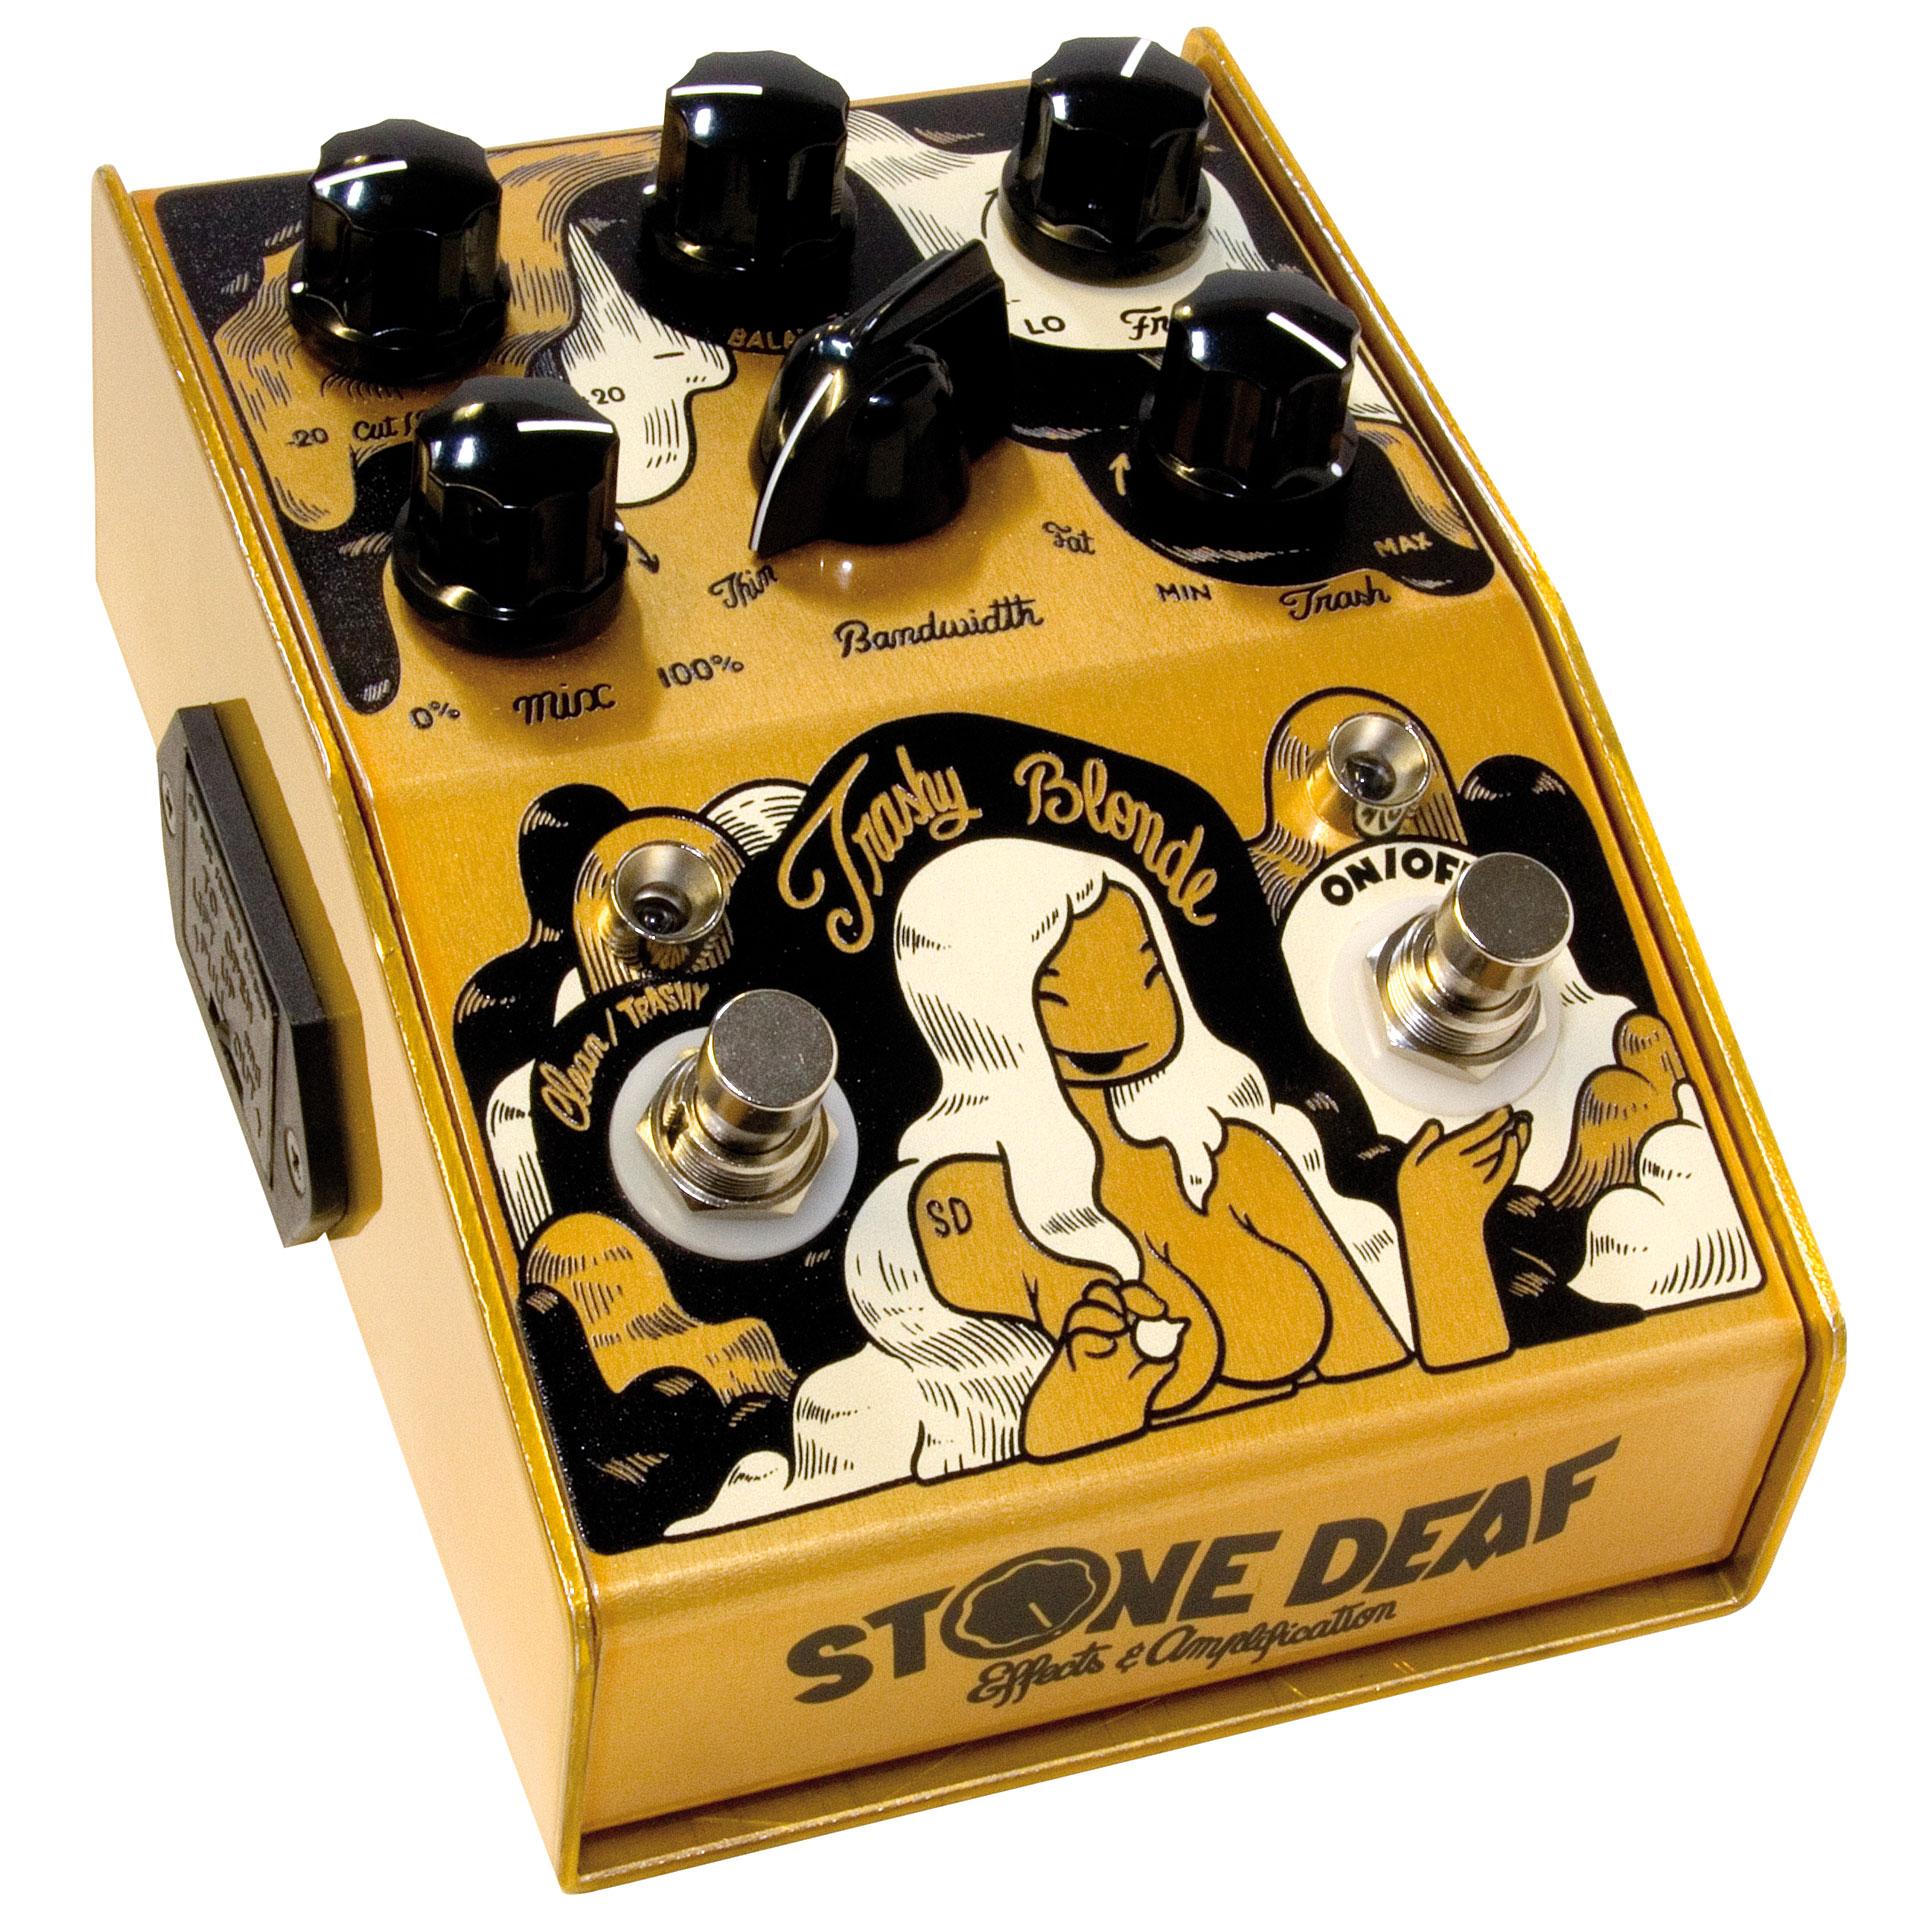 stone deaf trashy blonde guitar effect musik produktiv. Black Bedroom Furniture Sets. Home Design Ideas